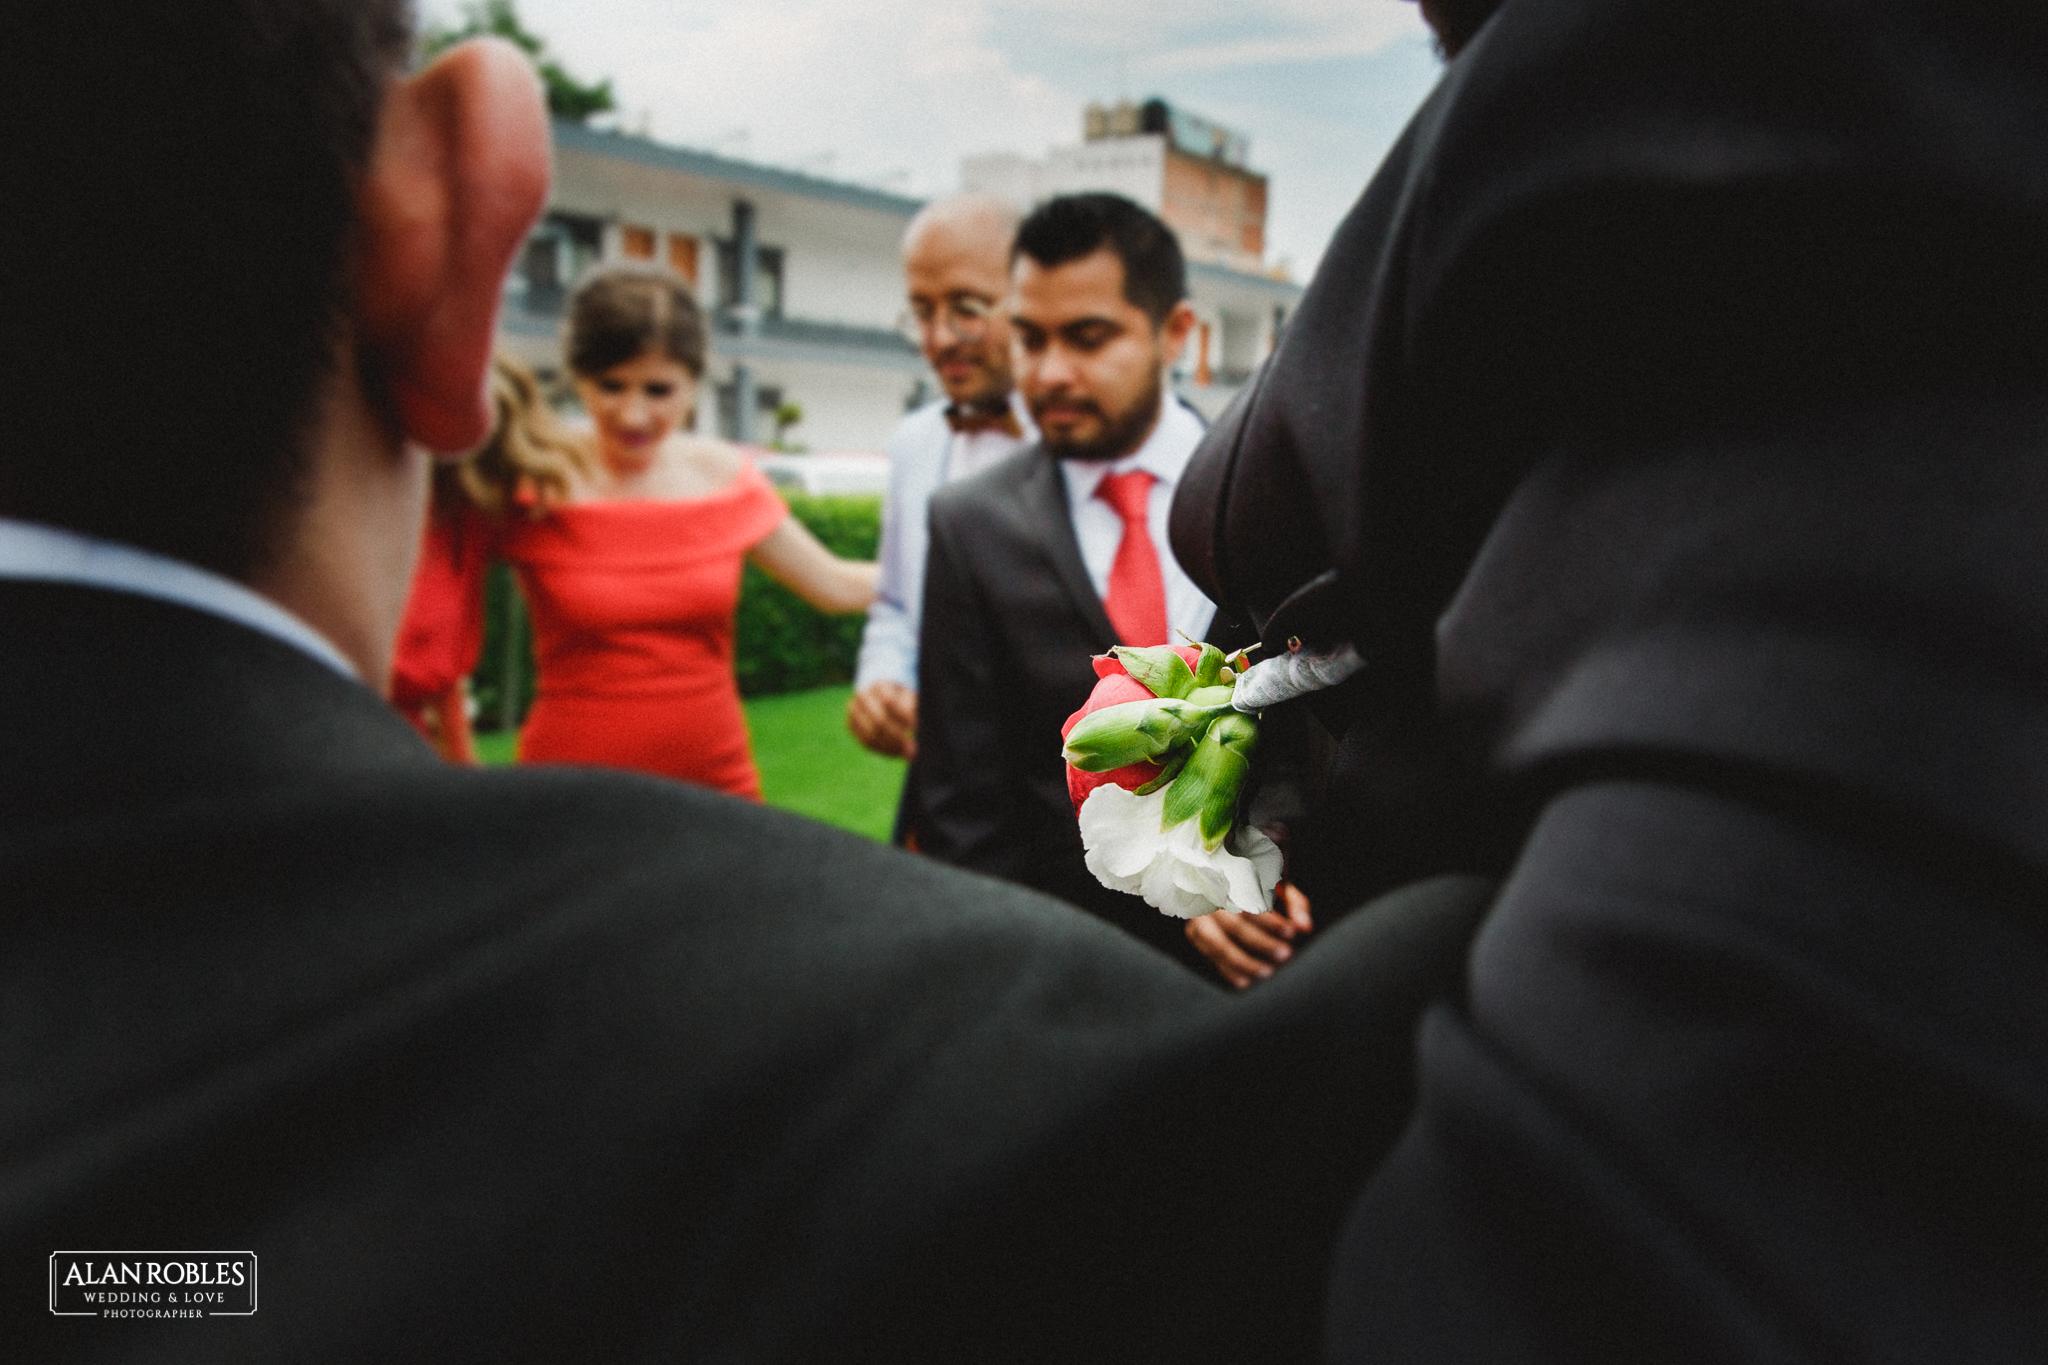 Detalle de Azar en best men. Novios con damas de honor con vestido rojo y best men en sesion fotografica. Mejores fotos de boda. Fotos divertidas con damas de honor. Alan Robles Fotografo de bodas.